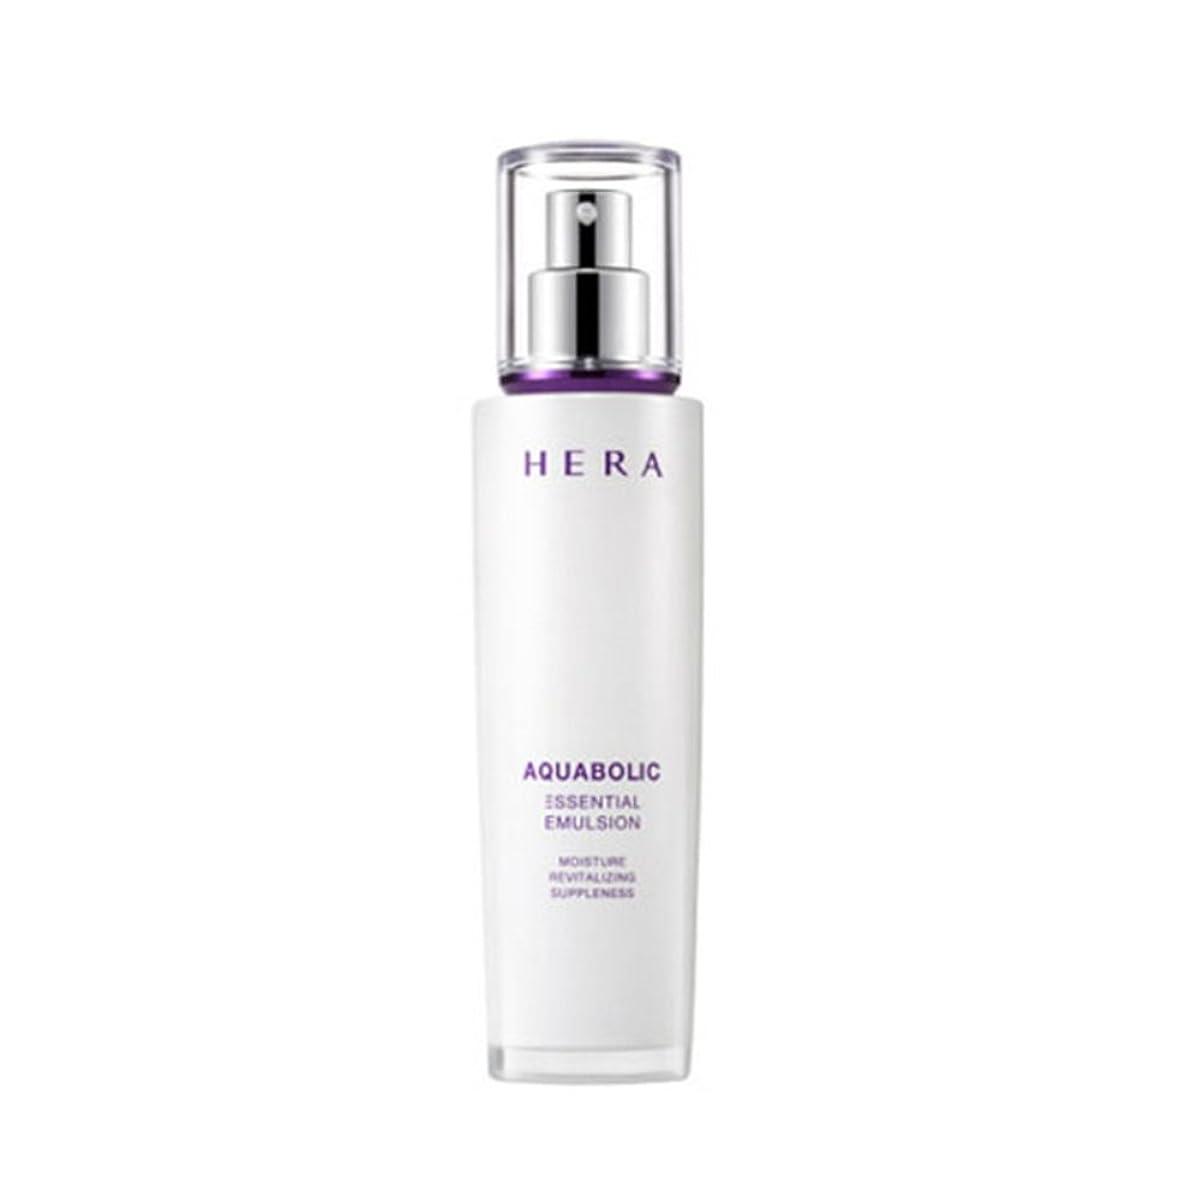 降伏ミニ質量(ヘラ) HERA アクアボリックエッセンシャル エマルジョン 120ml / Aquabolic Essential Emulsion 120ml (韓国直輸入)